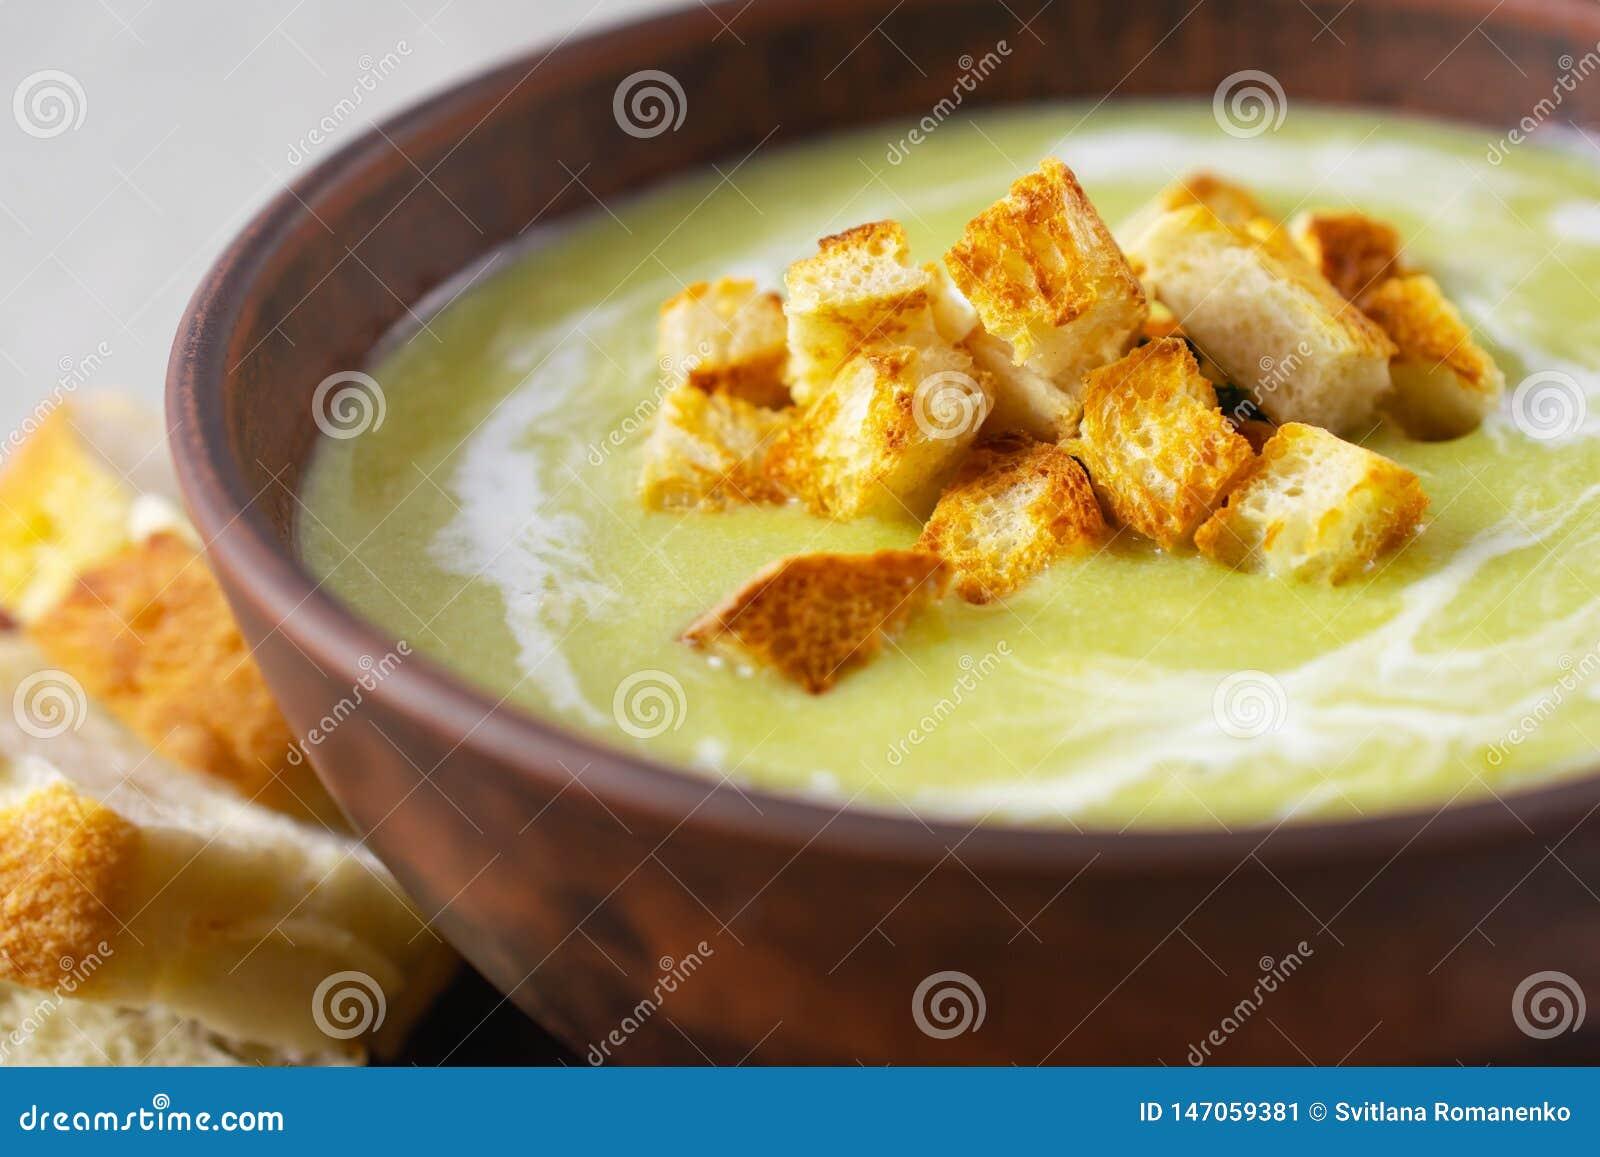 Soupe crème savoureuse fraîche à épinards avec des croûtons, fin saine de déjeuner